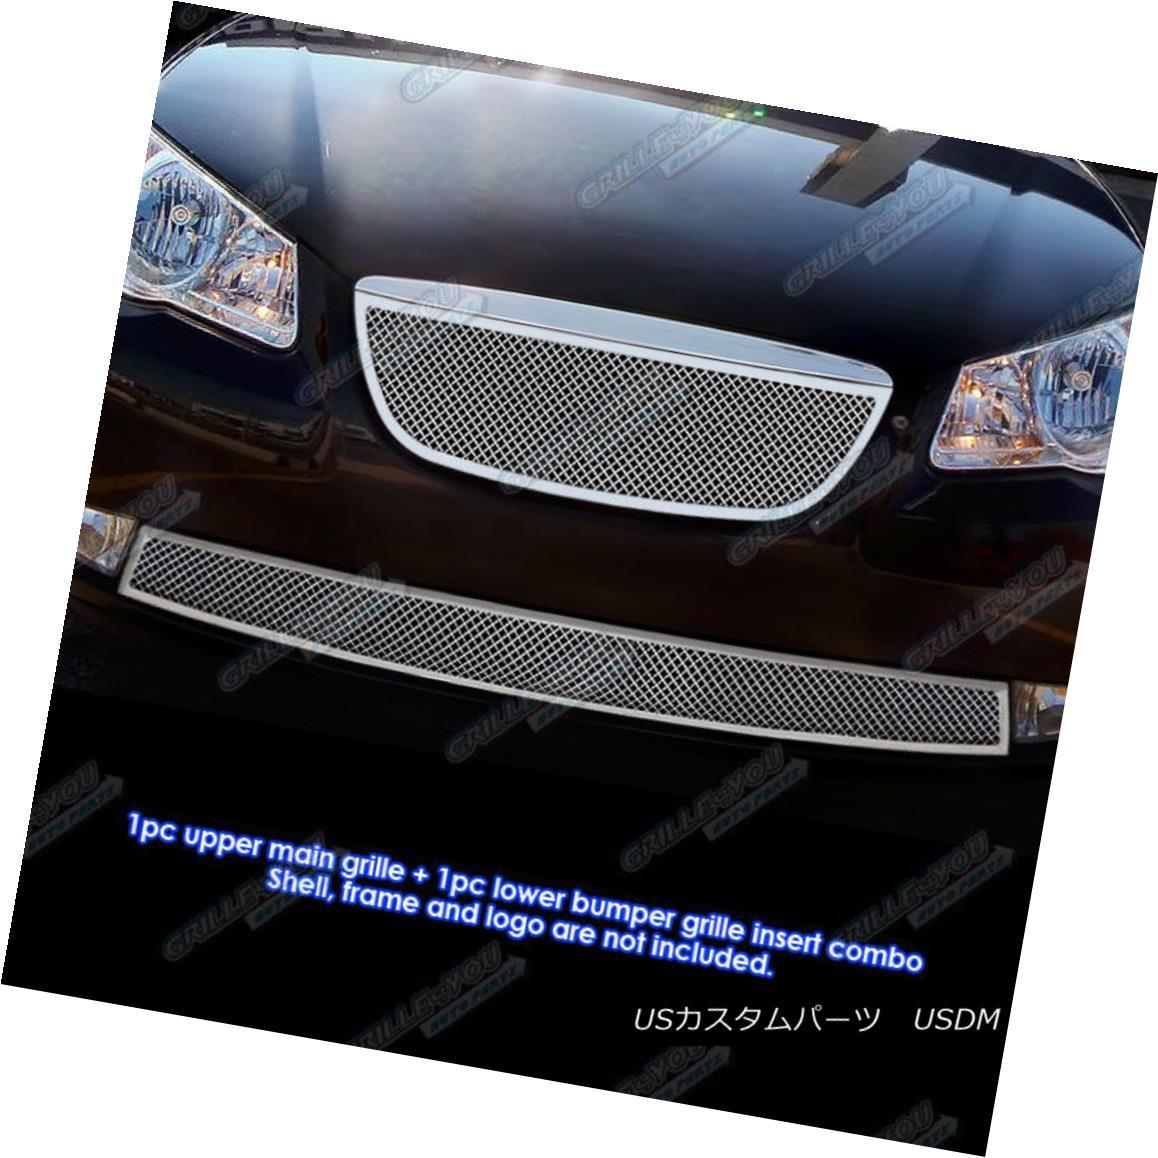 グリル For 07-10 Hyundai Elantra Sedan Stainless Steel Mesh Grille Grill Combo Insert Hyundai Elantra Sedanステンレスメッシュグリルグリルコンボインサート